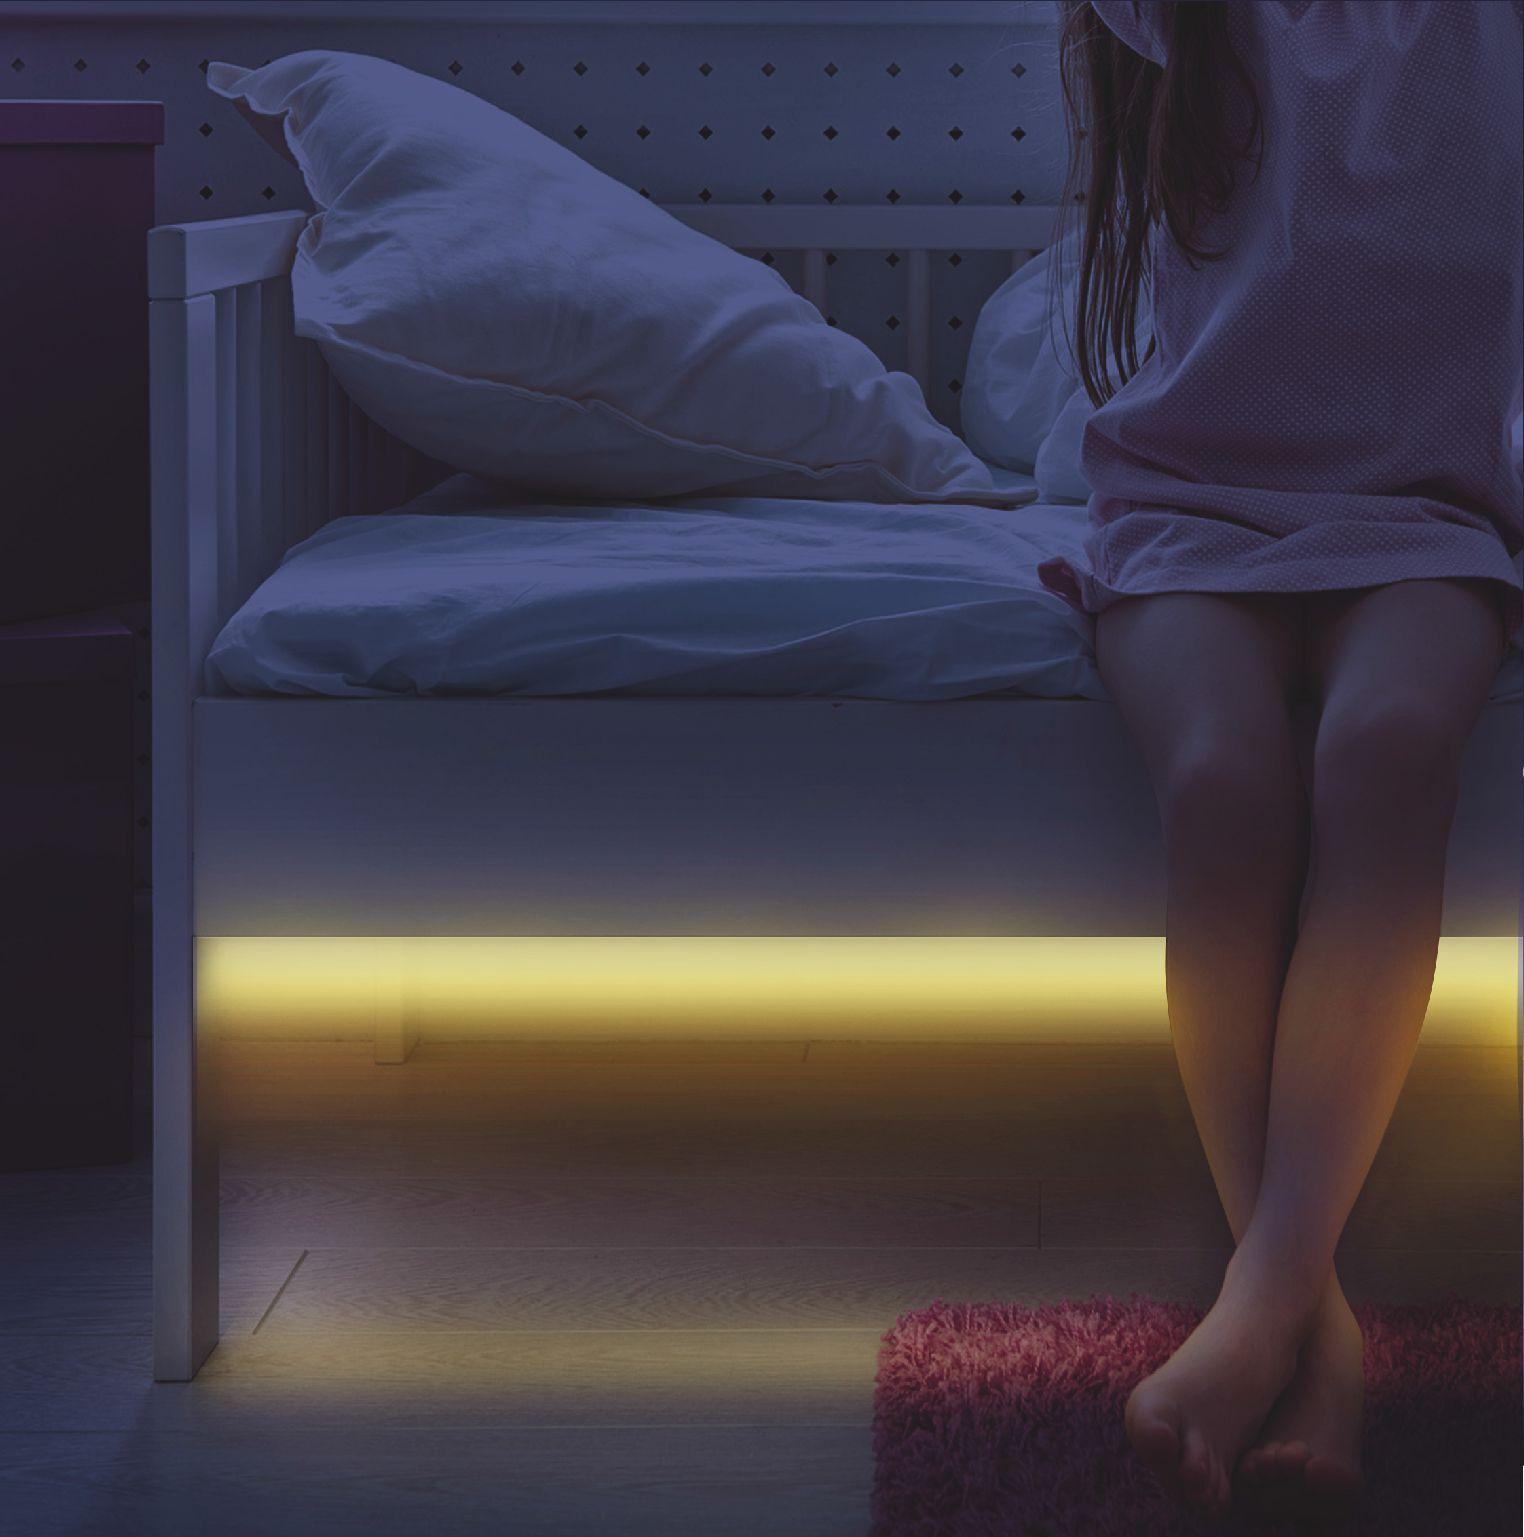 bewegungssensoren mehr als 2000 angebote fotos preise. Black Bedroom Furniture Sets. Home Design Ideas